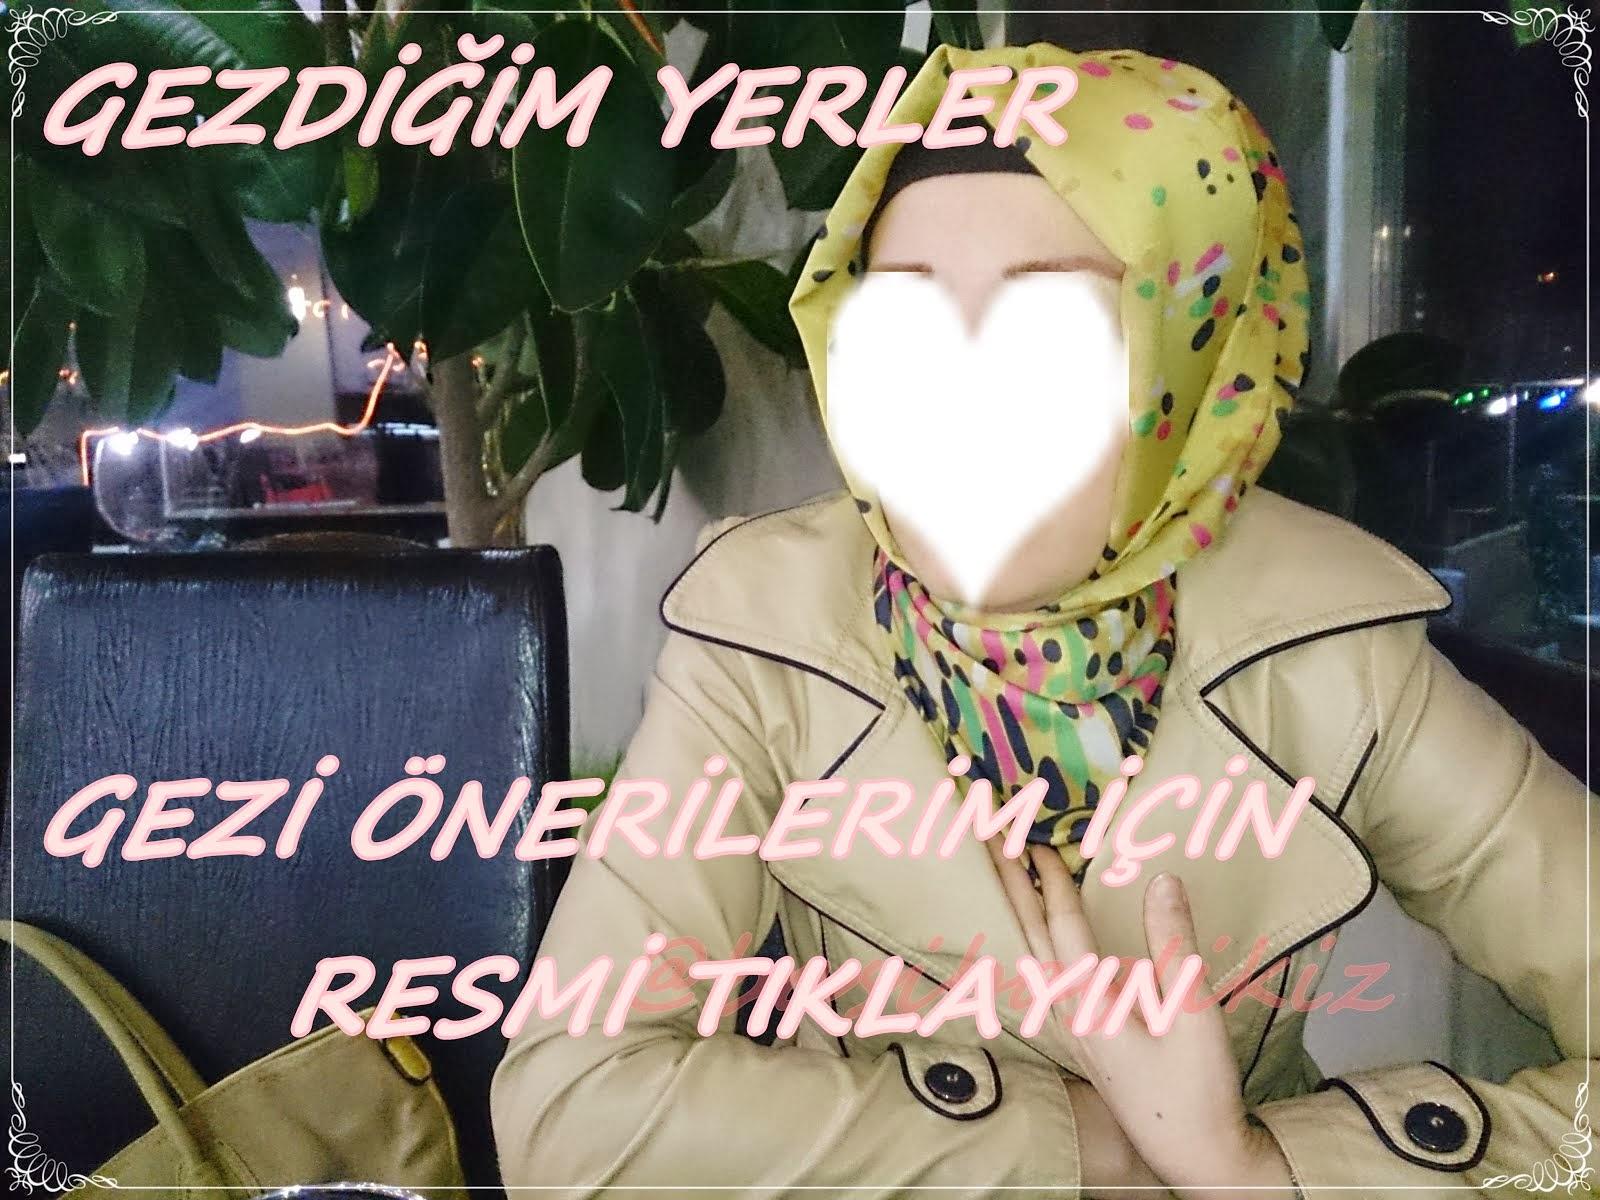 GEZİ ÖNERİLERİ/GEZDİĞİM YERLER